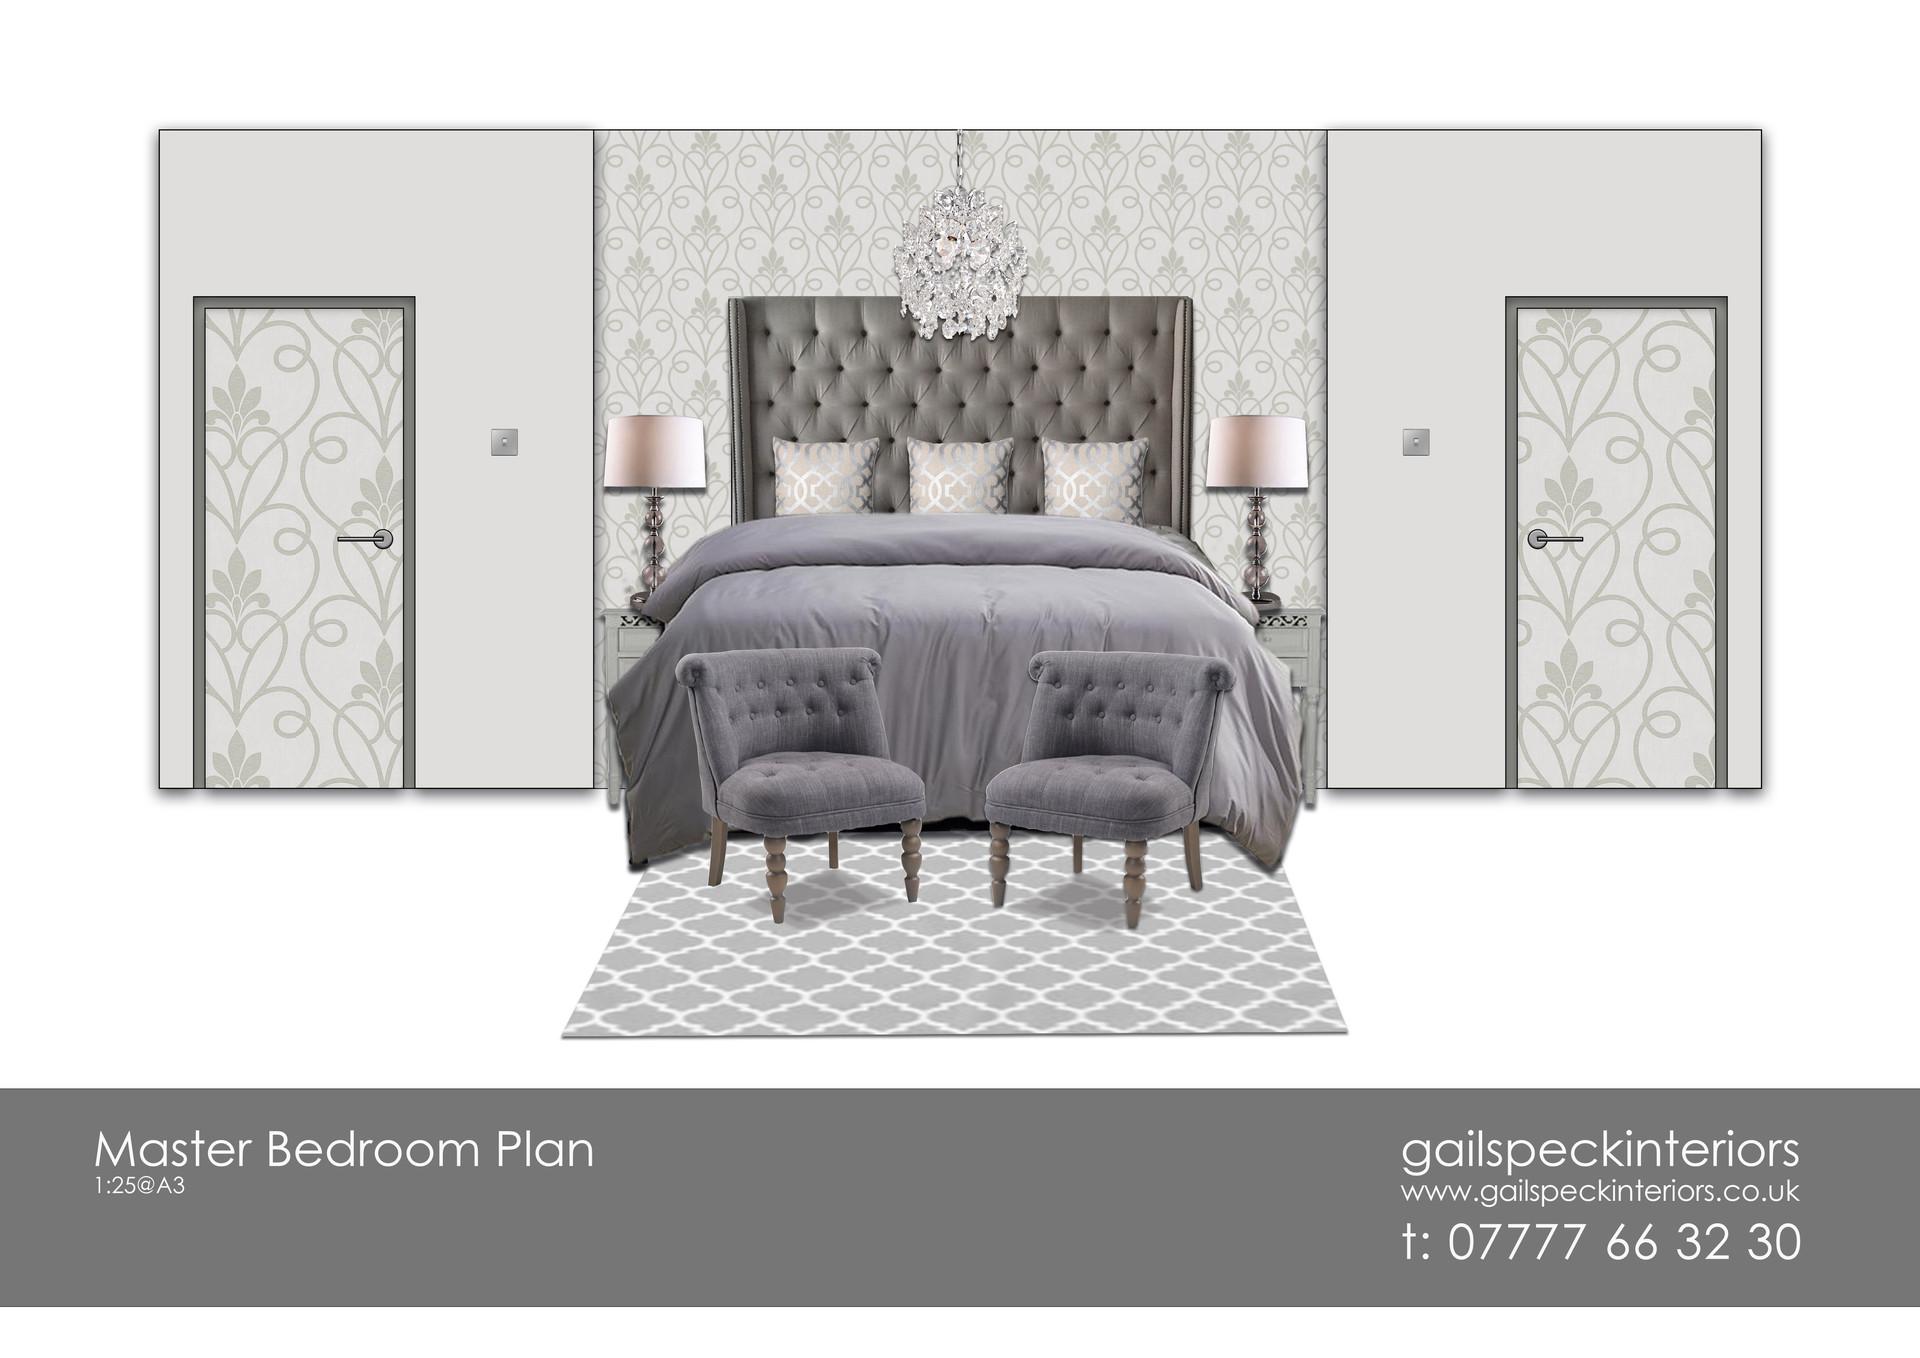 master bedroom elevation quilt.jpg